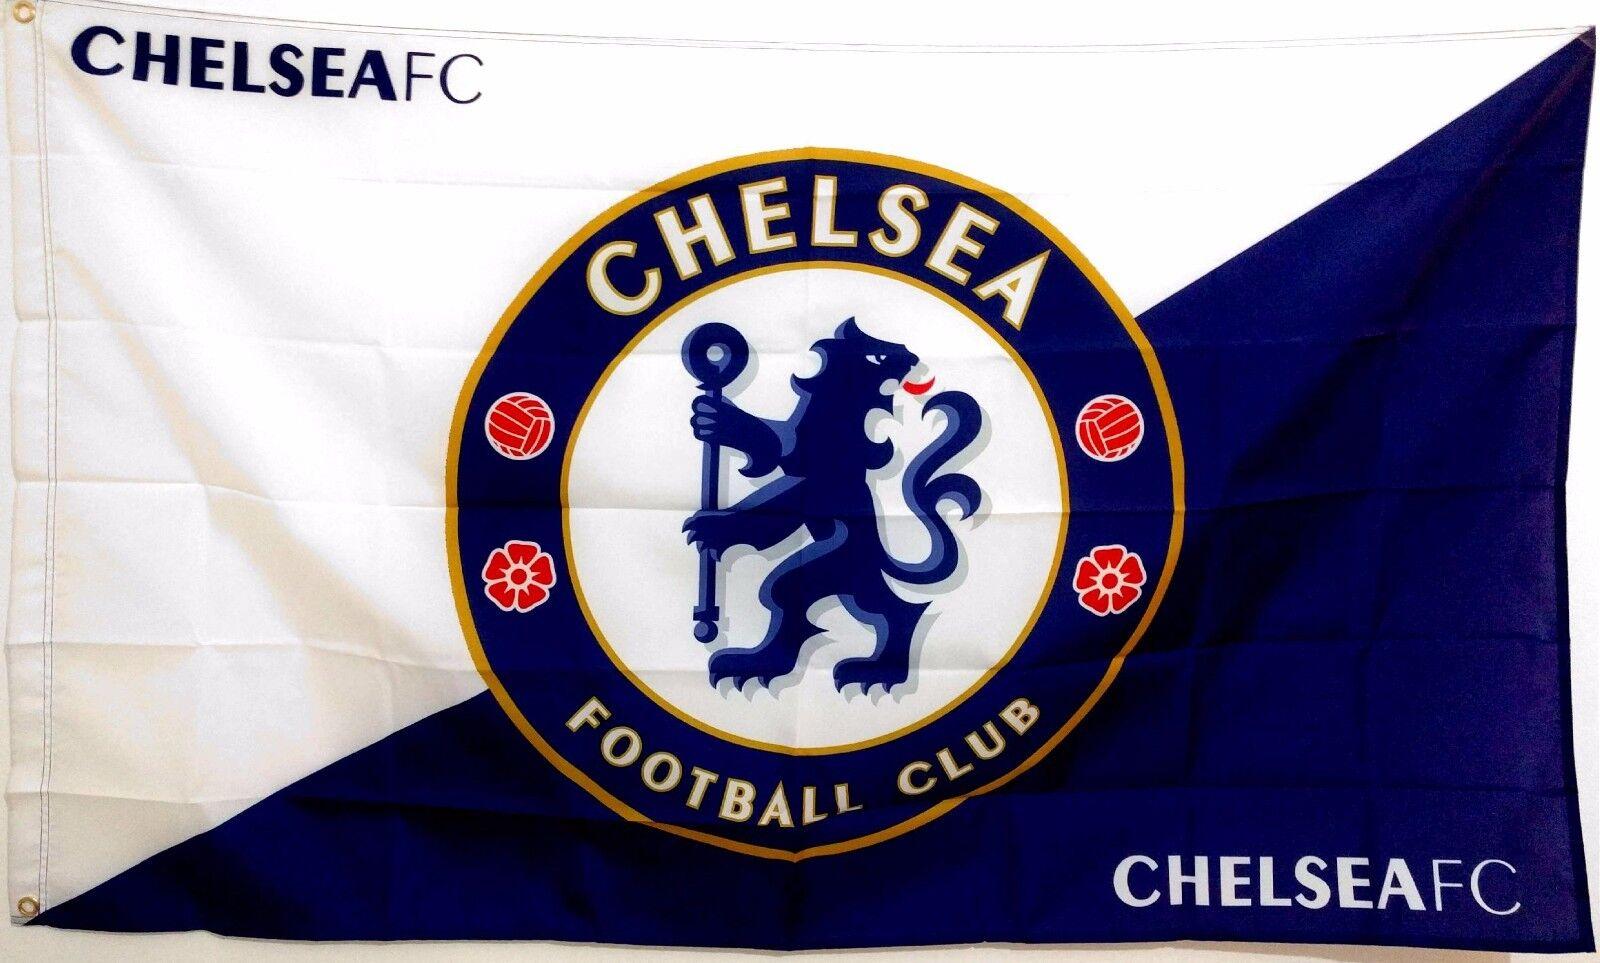 Car Logos With Names >> Chelsea FC Flag banner 3ft x 5ft Football Soccer blues stamford bridge | eBay